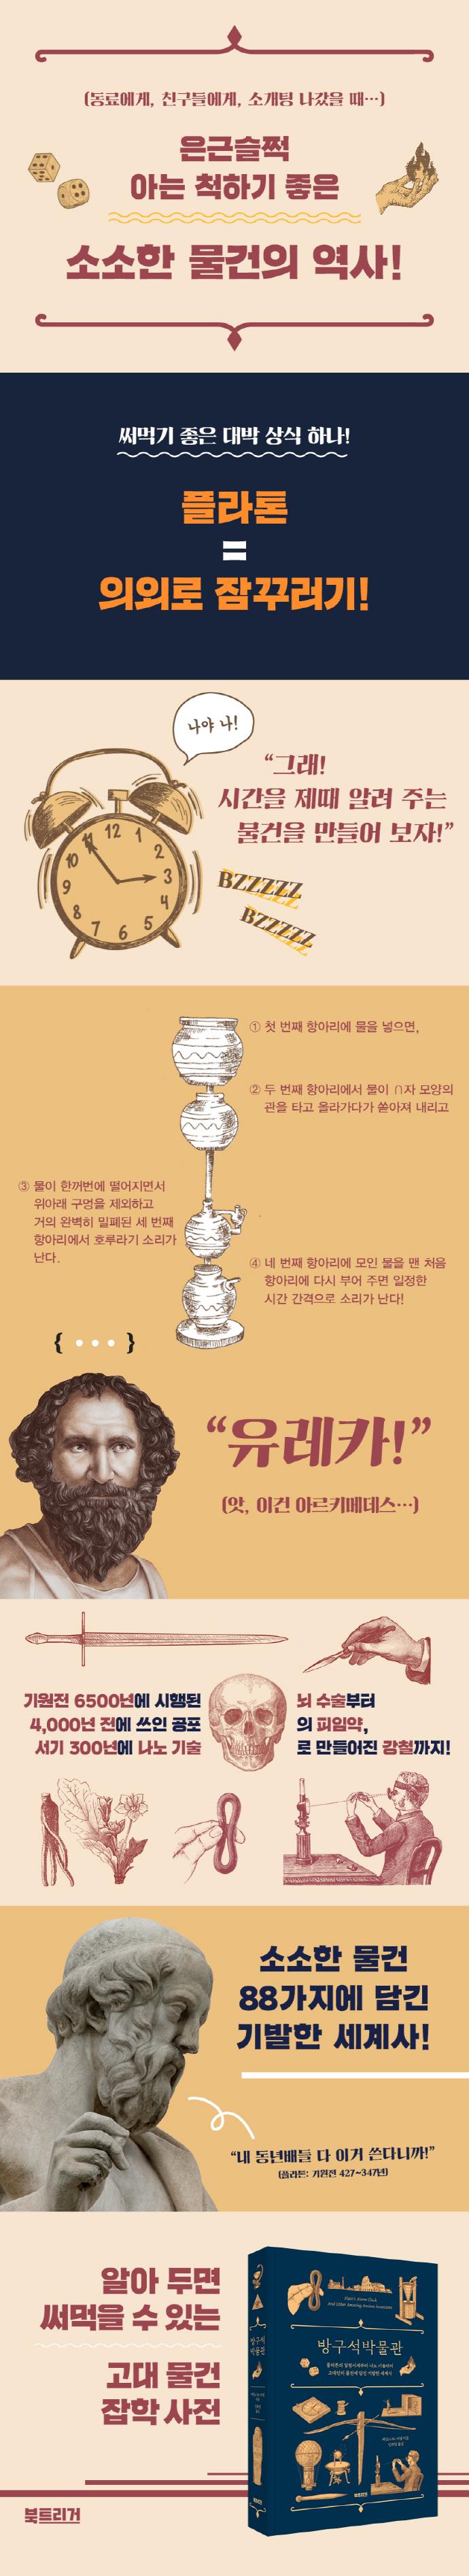 방구석 박물관(양장본 HardCover) 도서 상세이미지